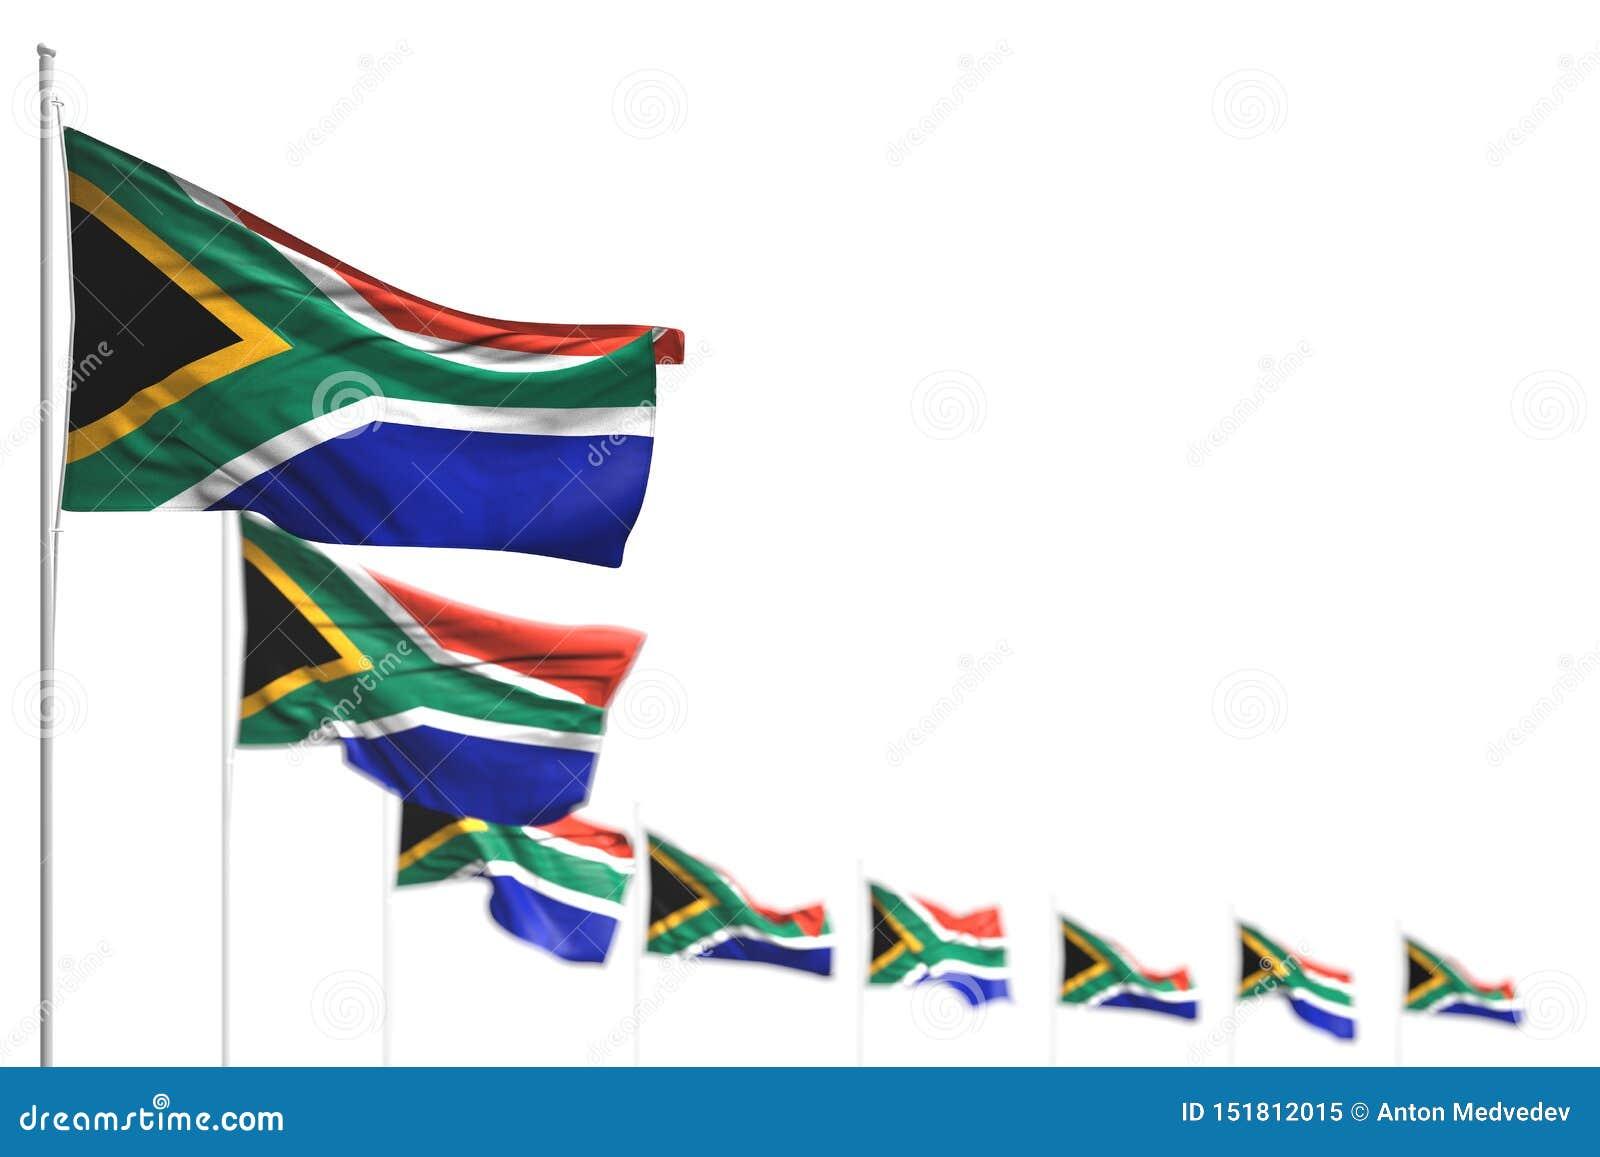 Όμορφη τρισδιάστατη απεικόνιση σημαιών Εργατικής Ημέρας - απομονωμένες οι η Νότια Αφρική σημαίες τοποθέτησαν τη διαγώνιος, εικόνα